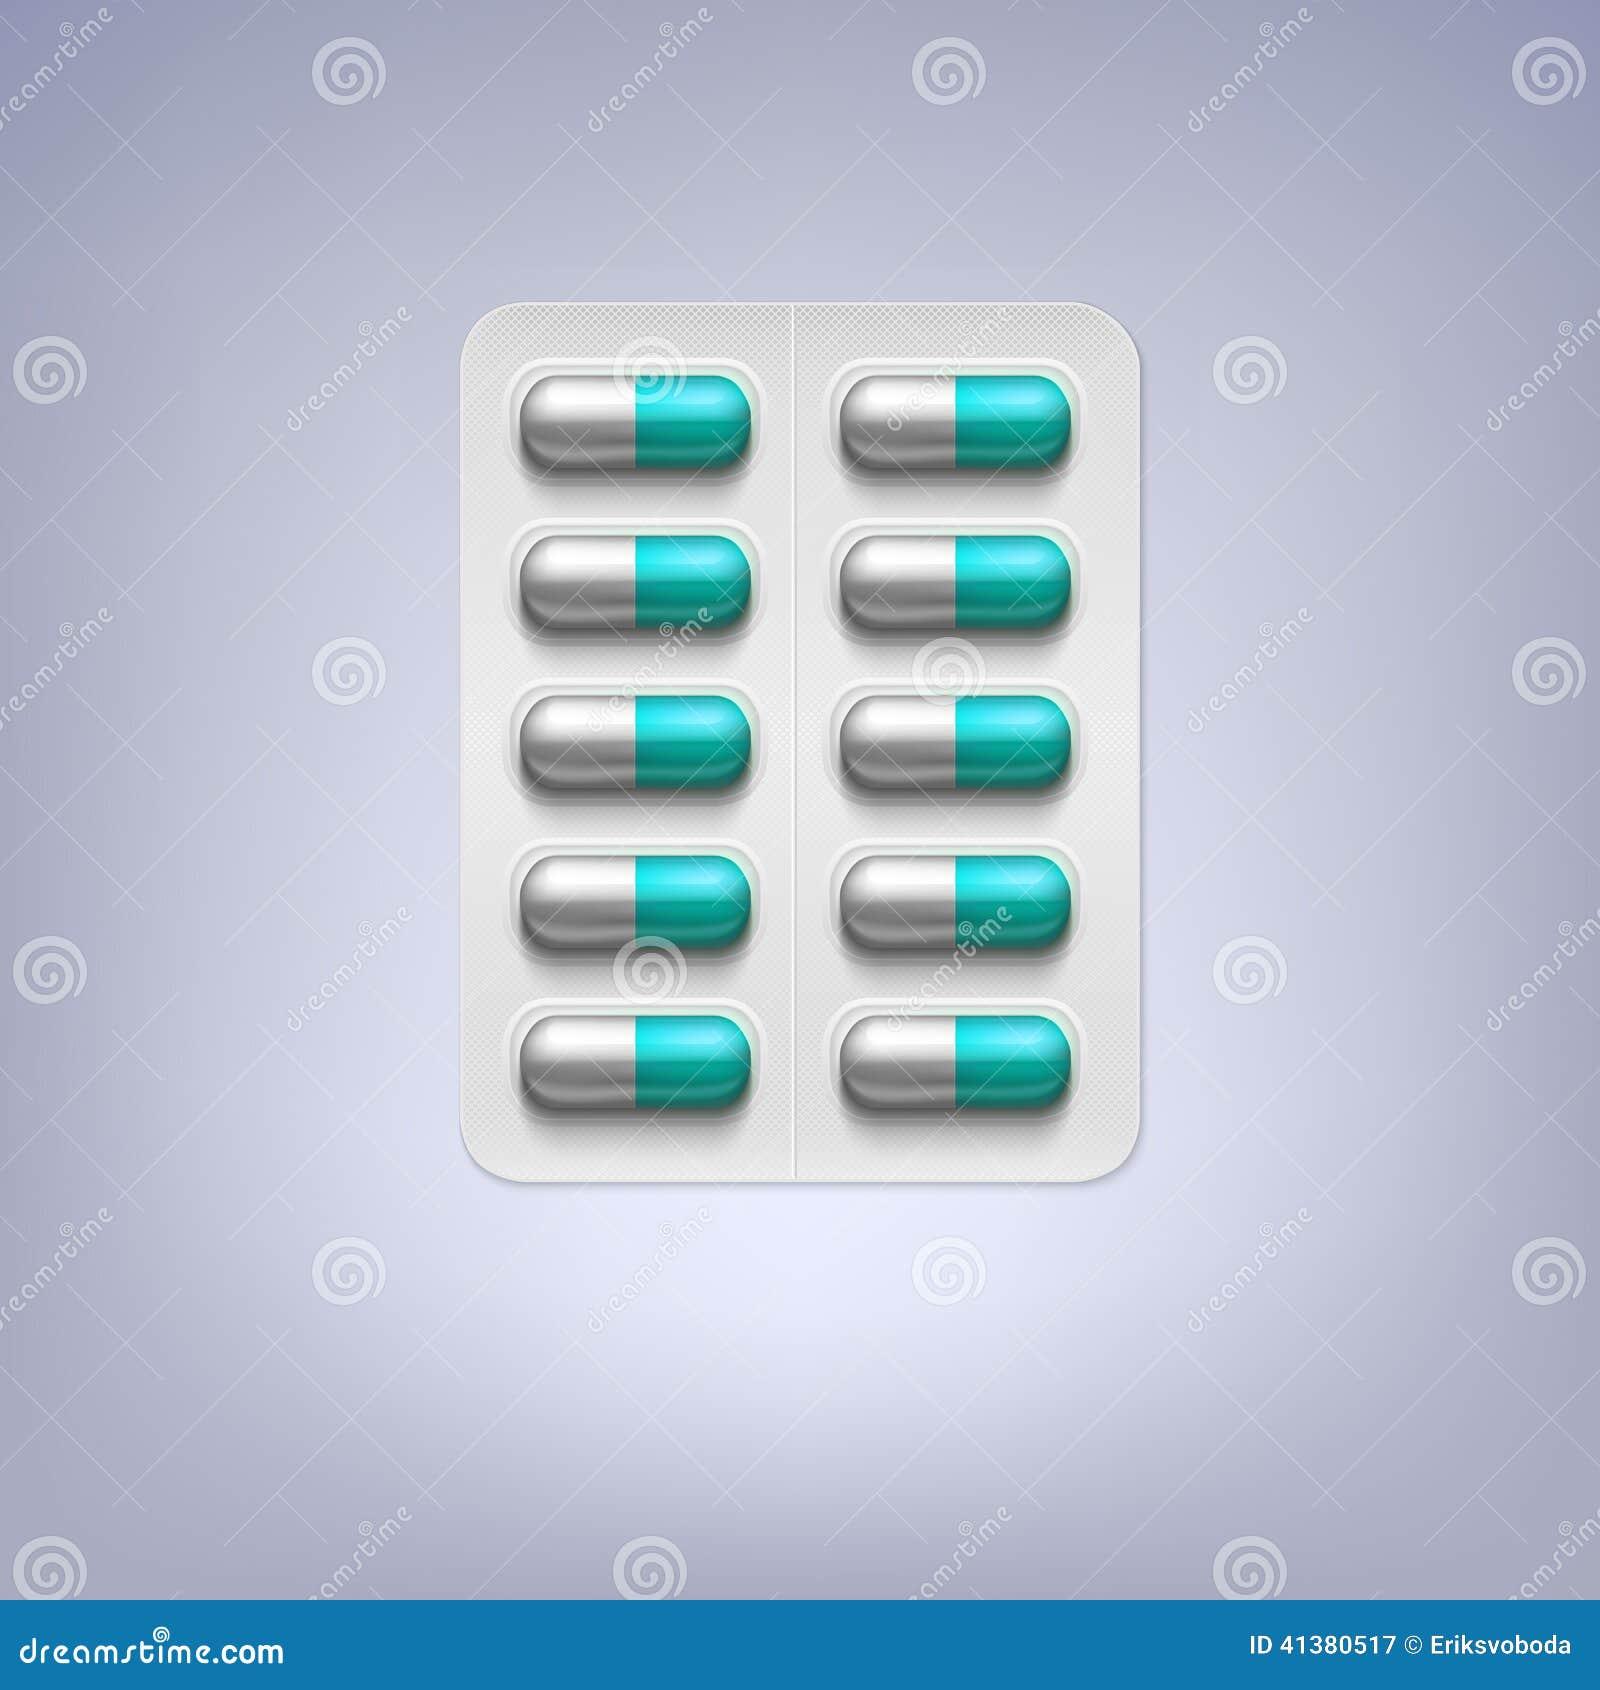 Pilules dans un habillage transparent